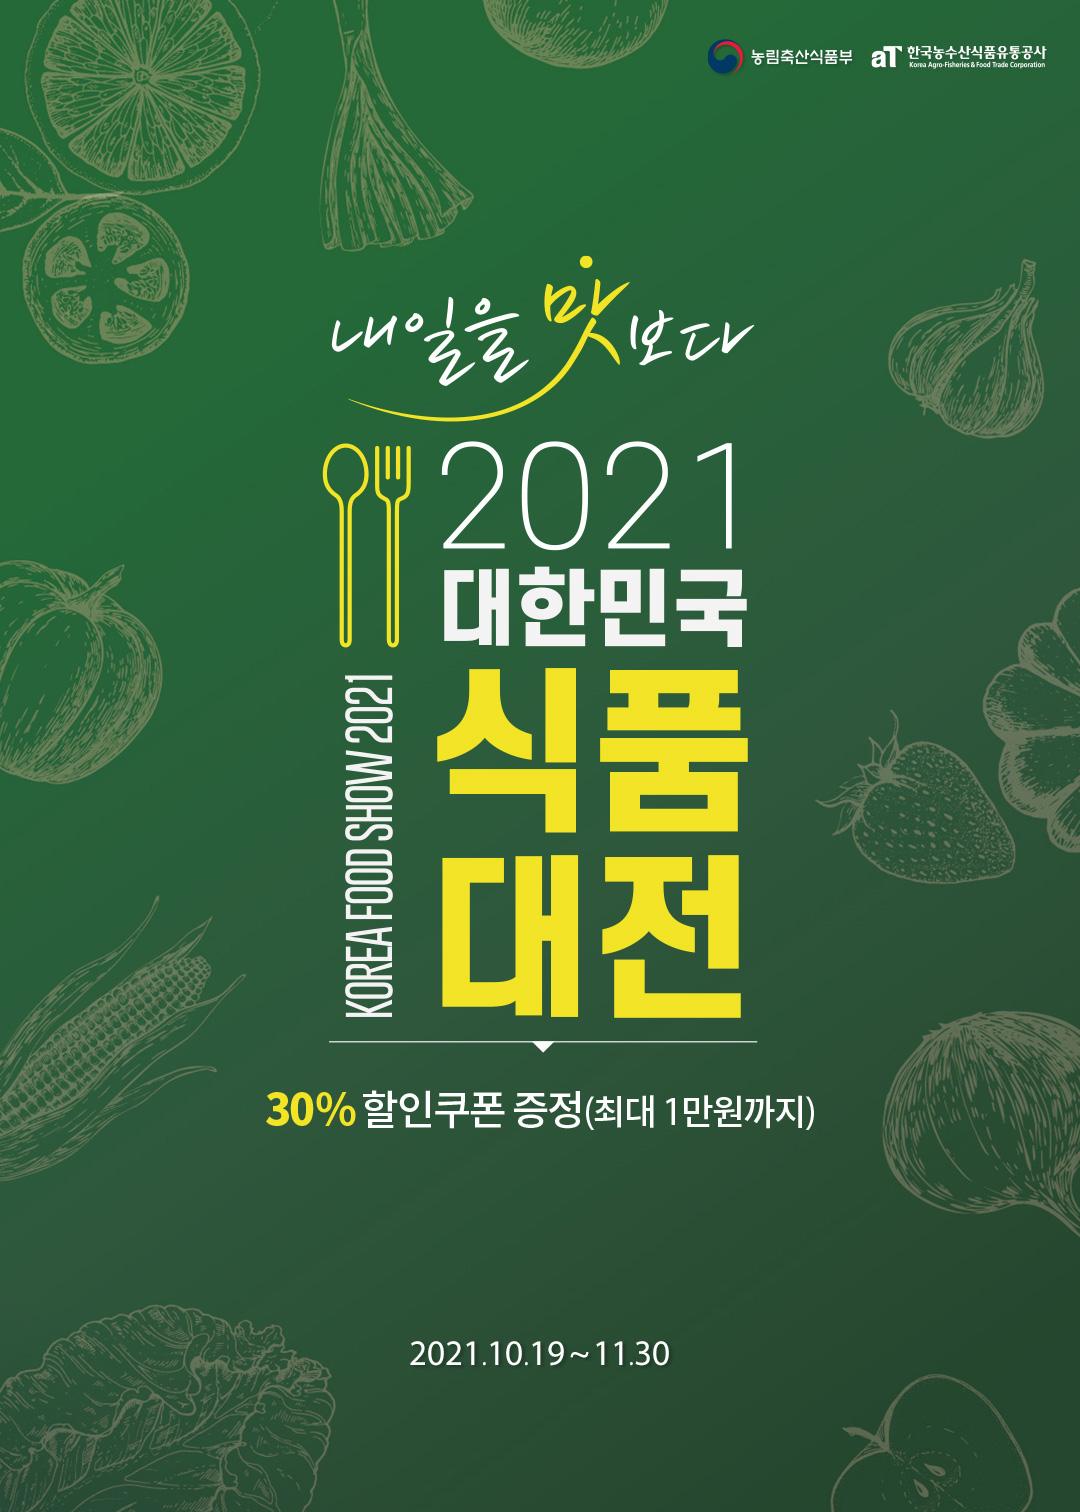 대한민국 식품대전